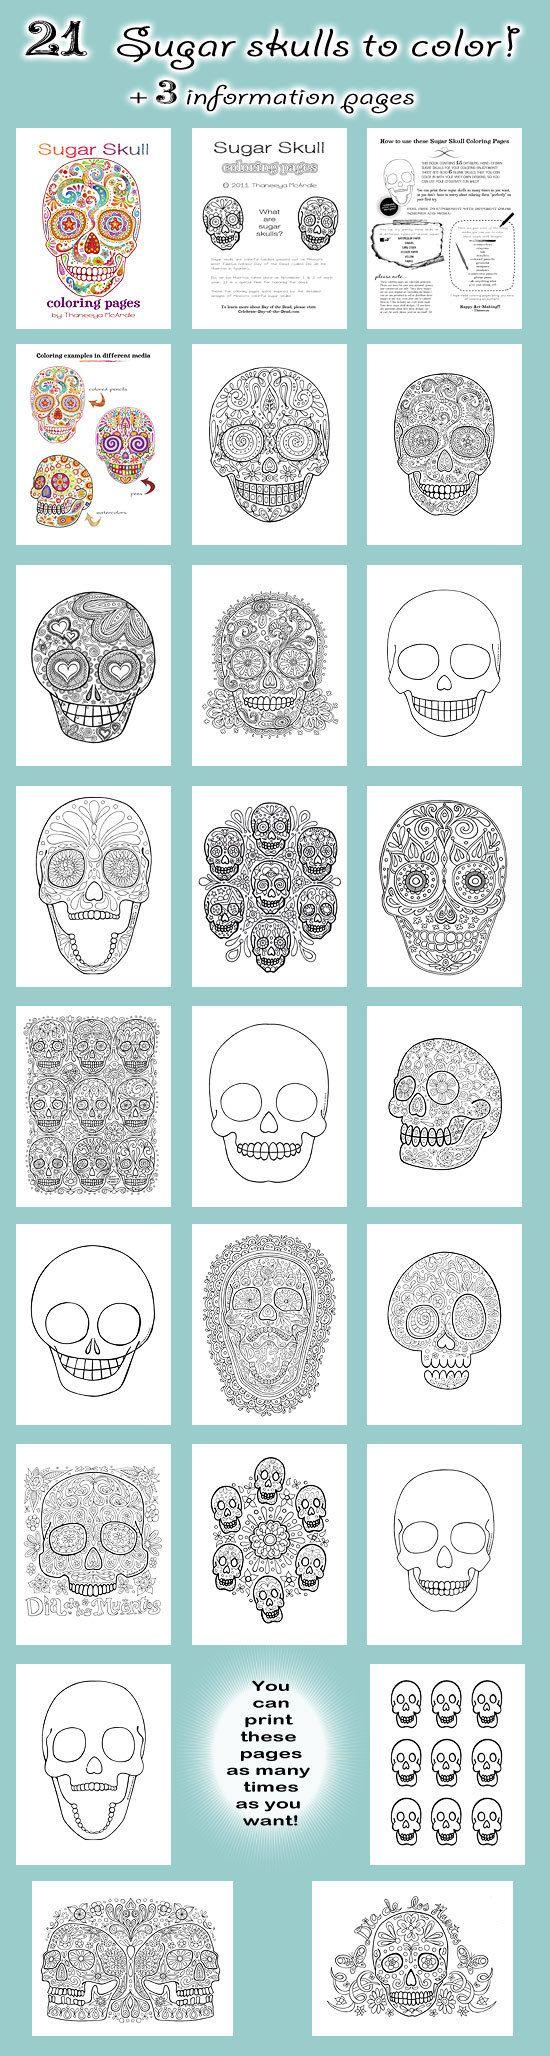 Sugar skull coloring pages printable pdf blank sugar skull